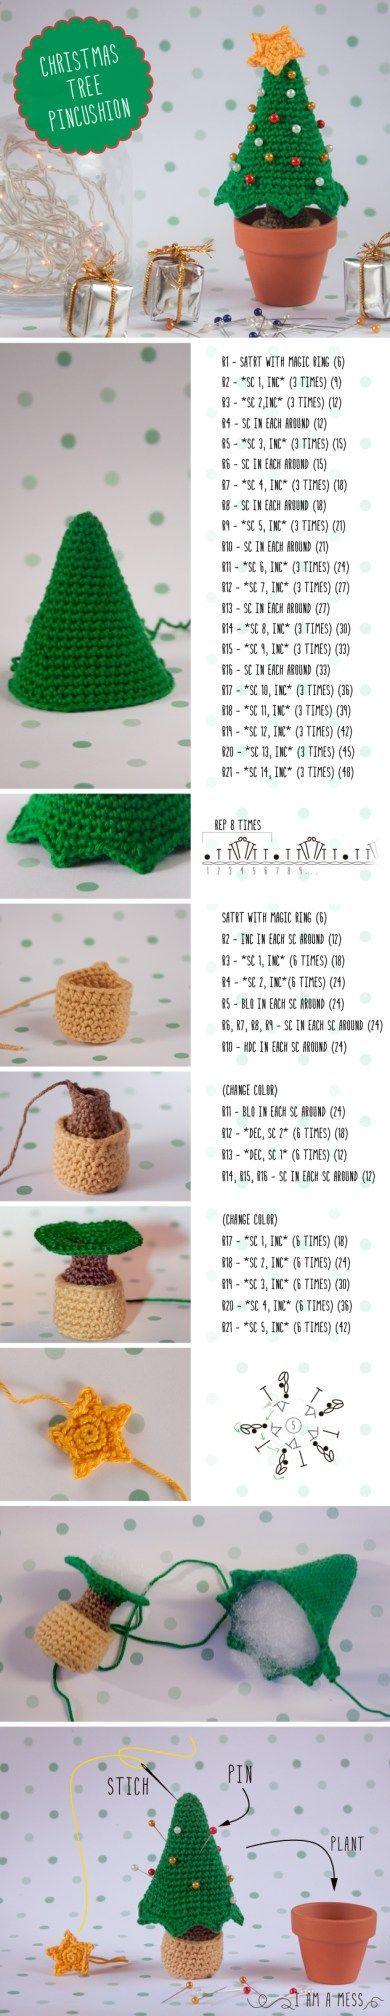 Mejores 57 imágenes de Crochet en Pinterest   Patrones amigurumi ...